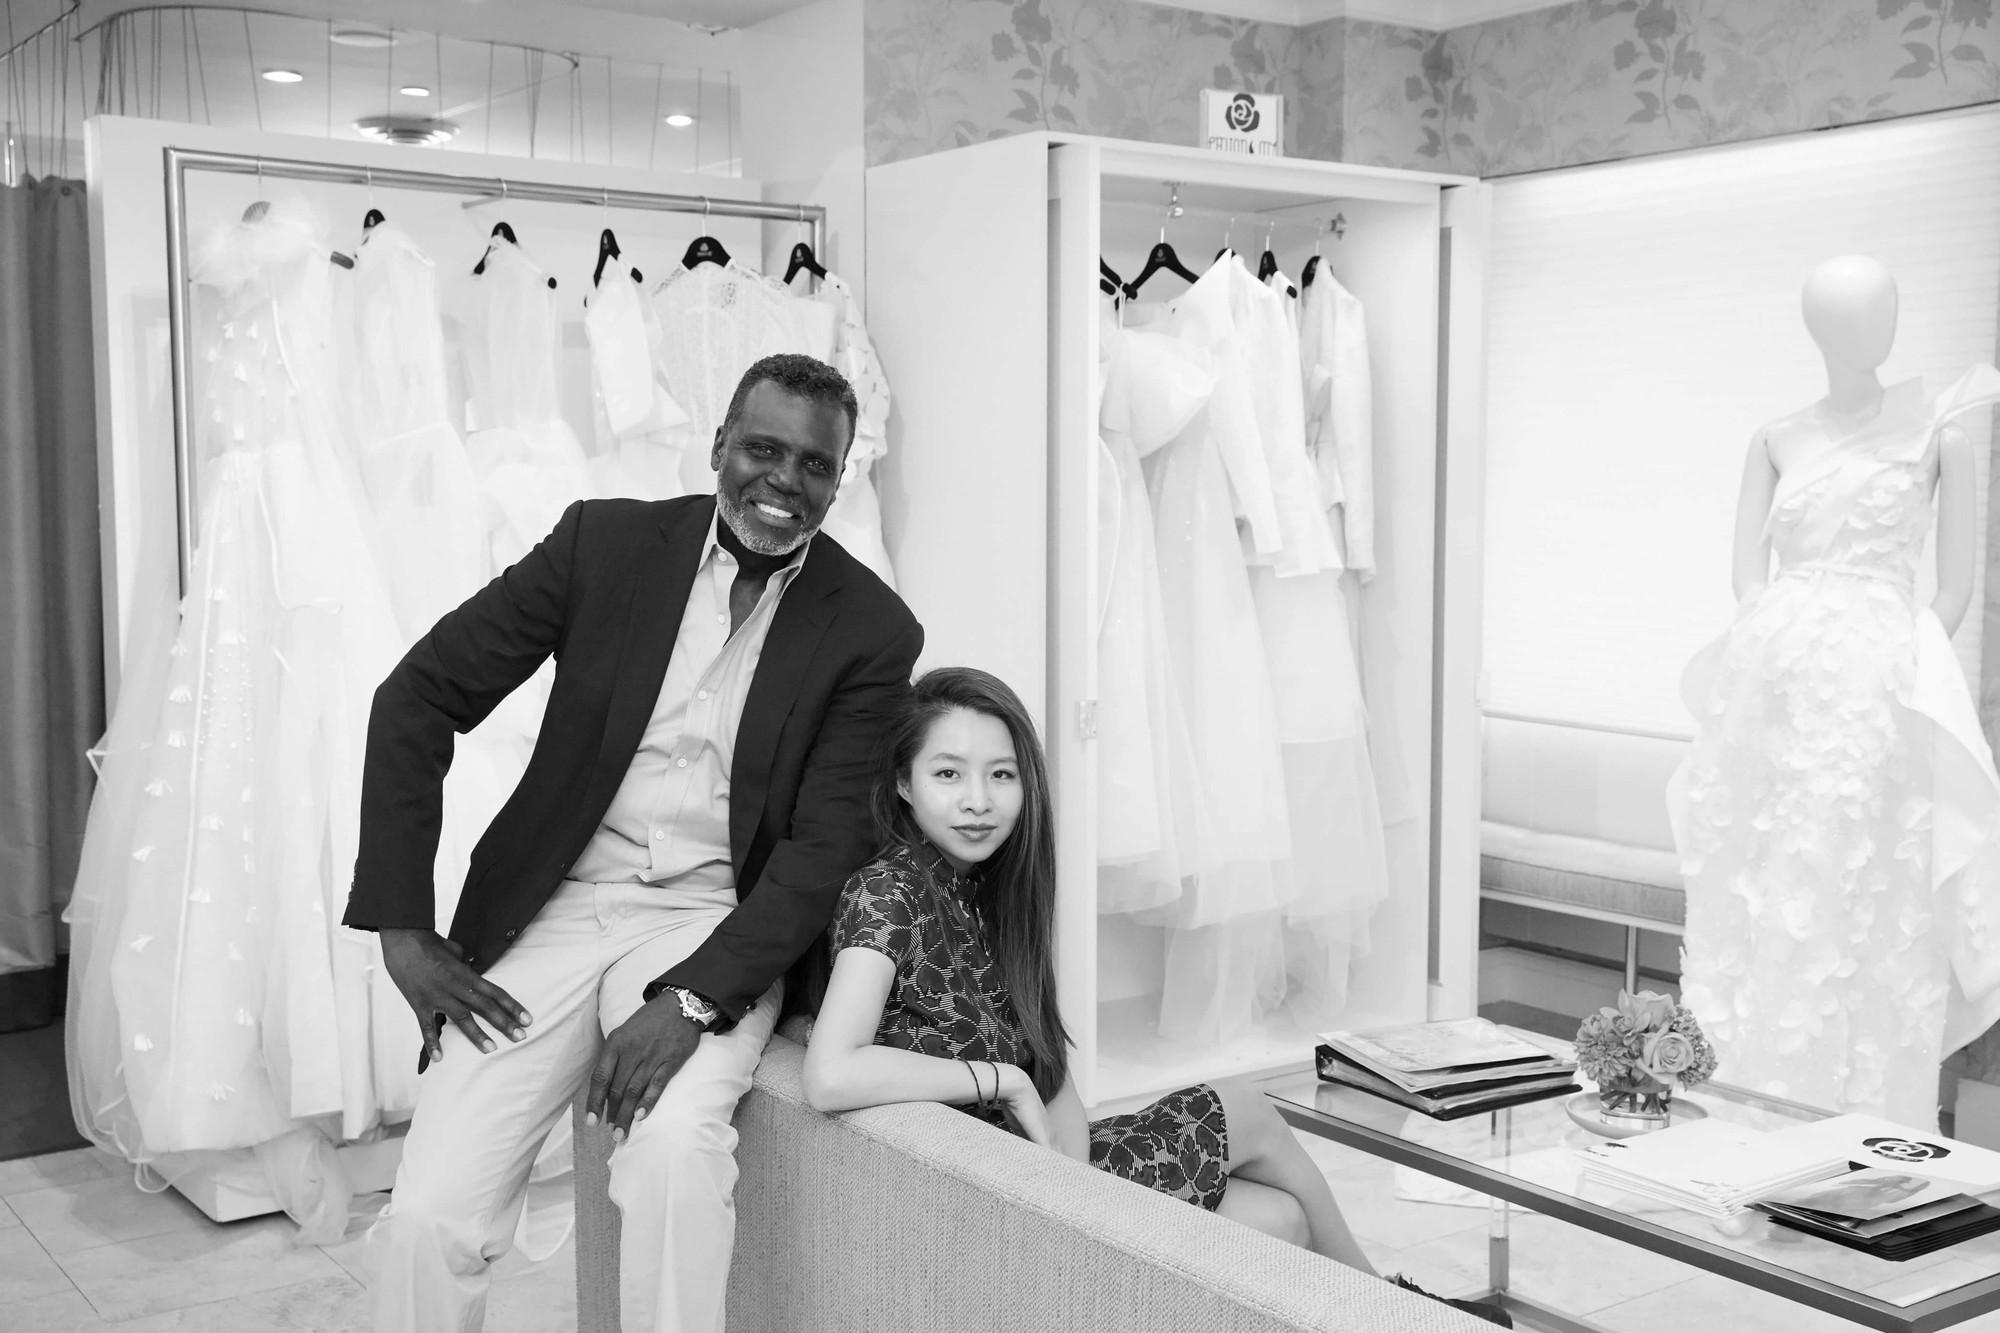 Ngắm váy cưới của nhà thiết kế Việt tại tiệm đồ cưới nổi tiếng nhất New York - Ảnh 6.